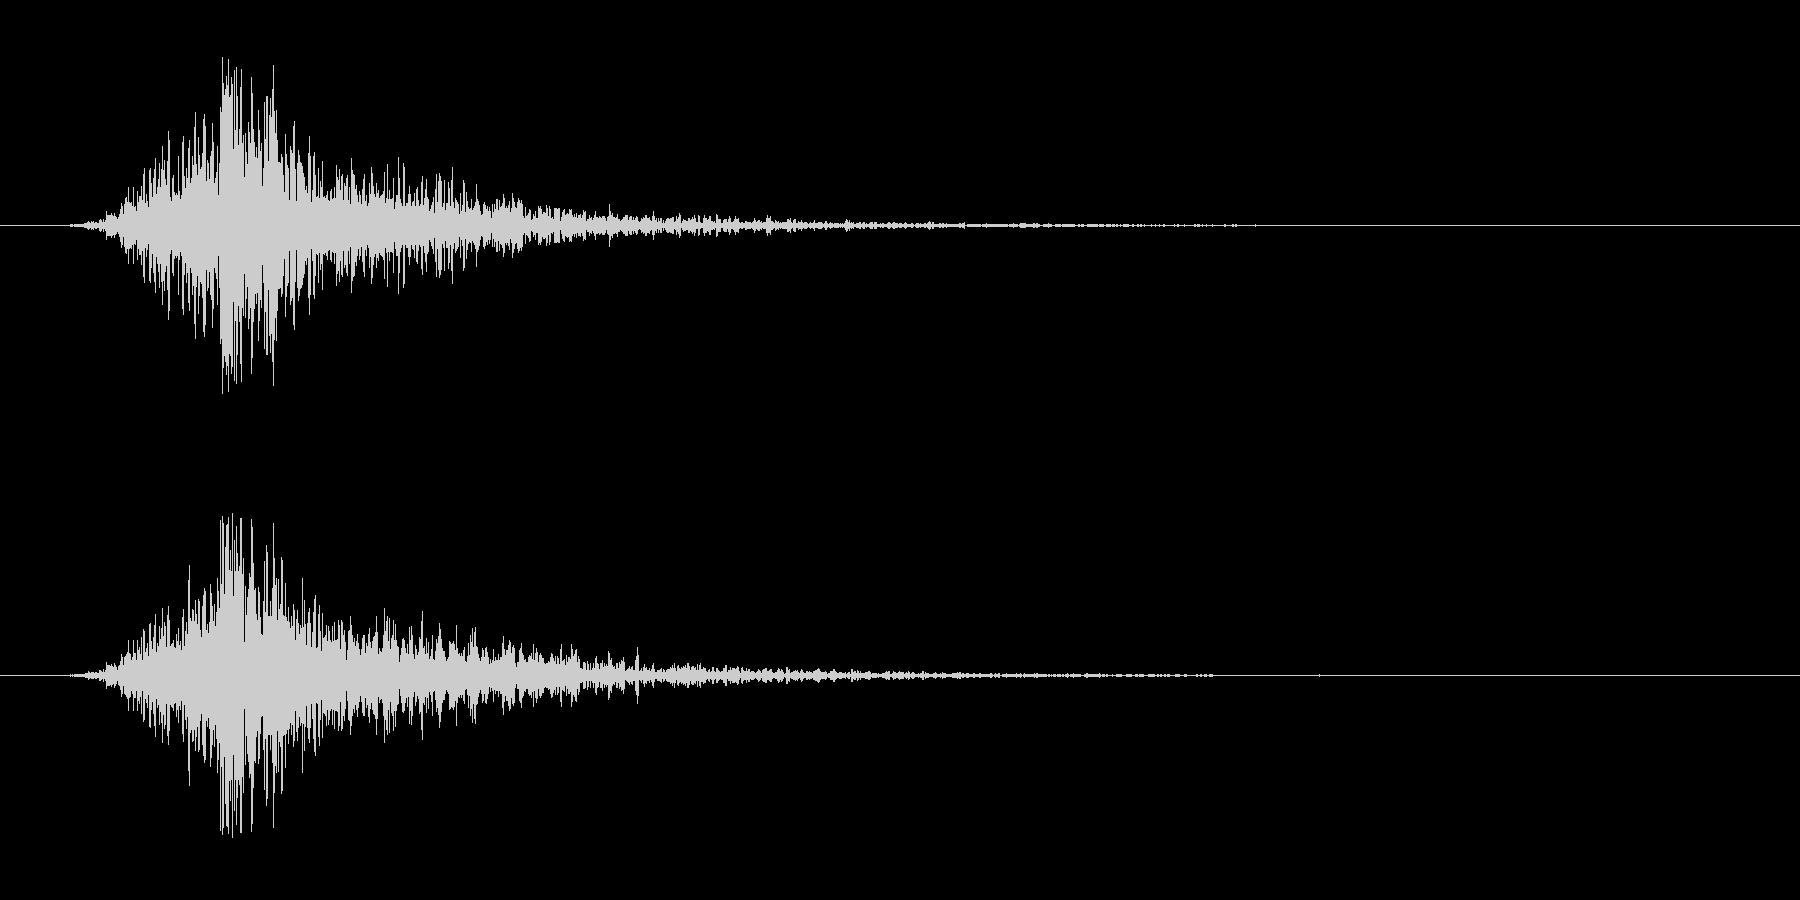 シュードーン-3(インパクト音)の未再生の波形